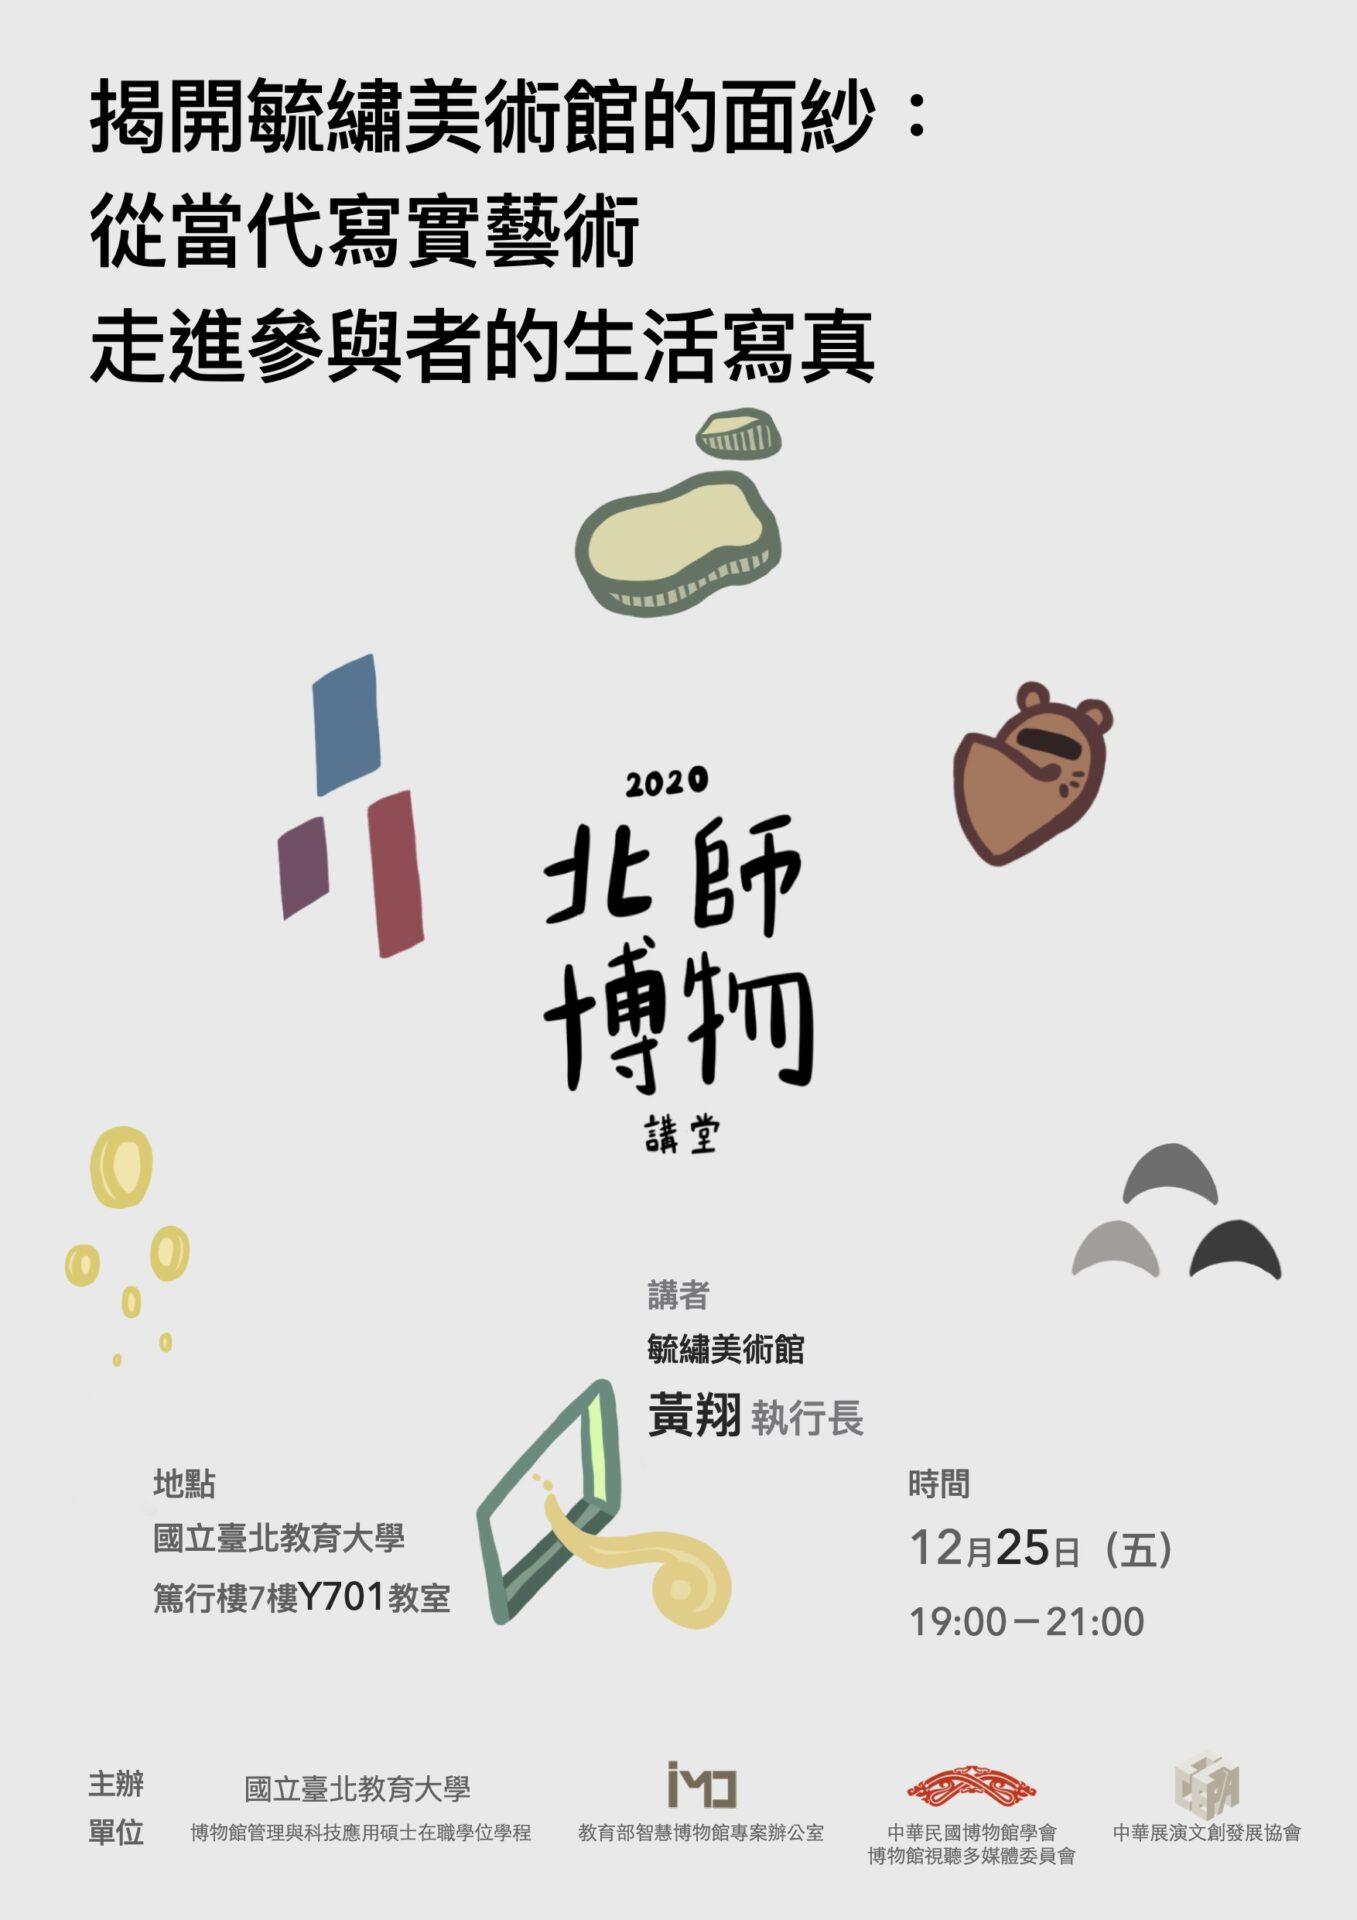 中華民國博物館學會:2020/12/11【北師博物講堂-揭開毓繡美術館的面紗:從當代寫實藝術,走進參與者的生活寫真 】